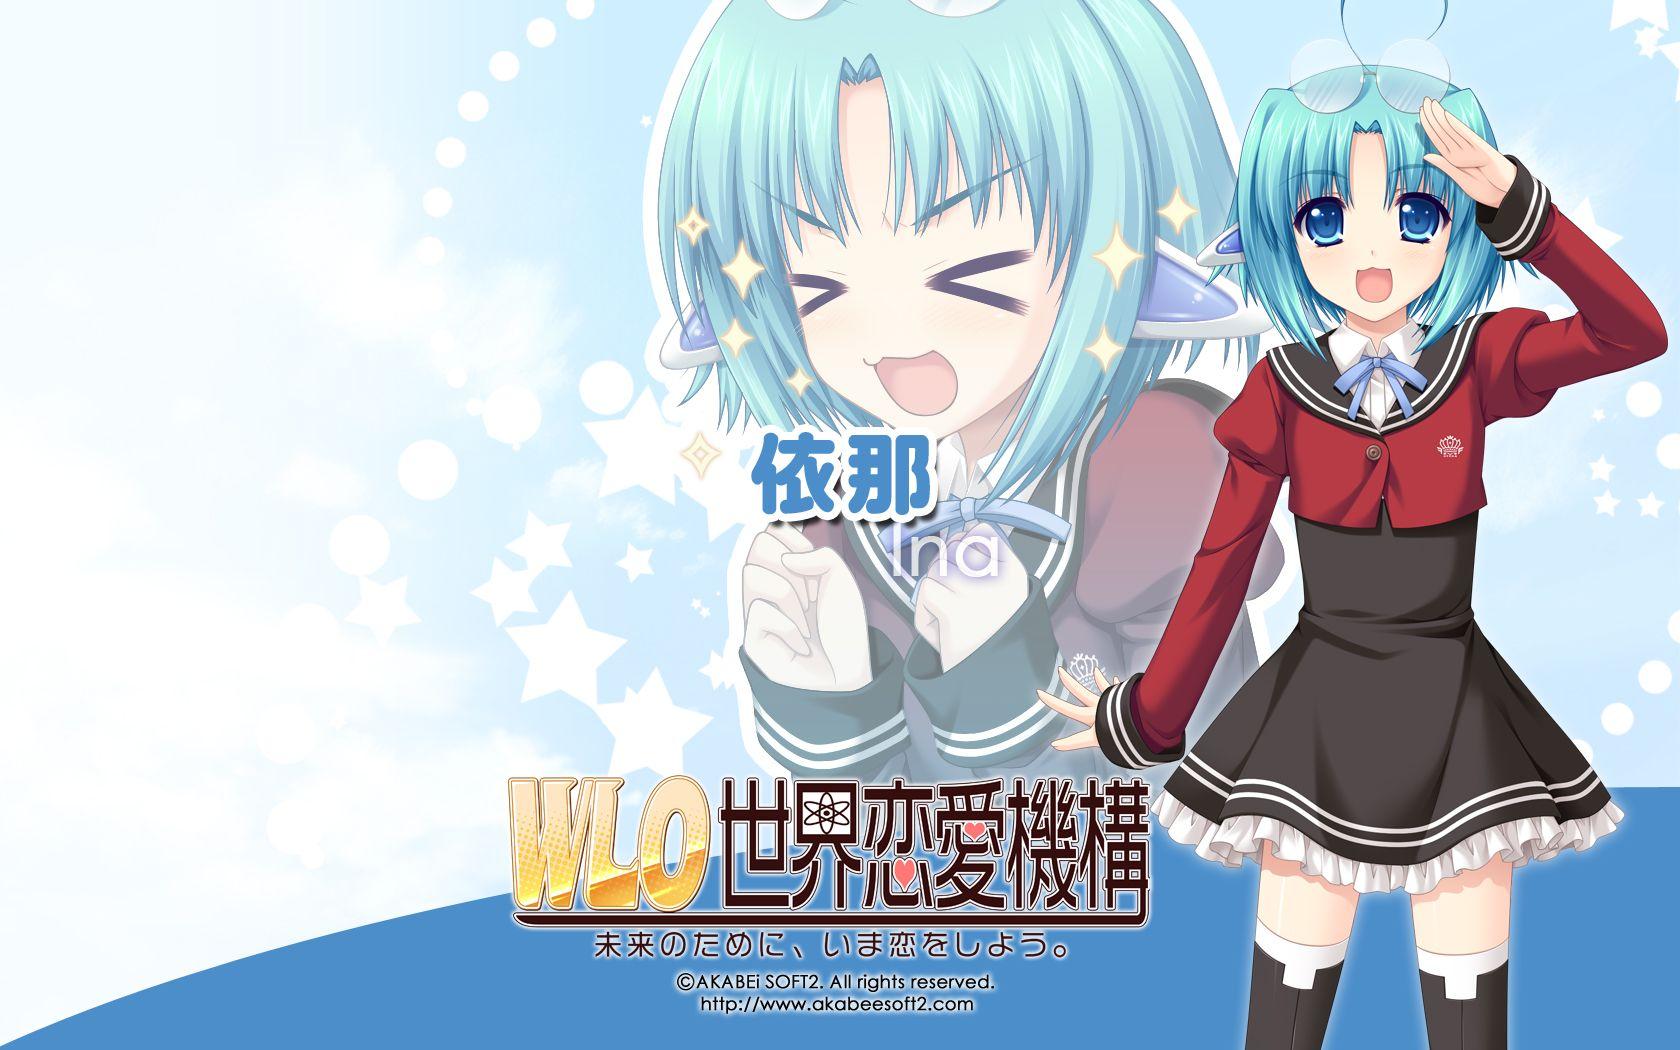 sekai_renai_kikou-01(1680x1050).jpg